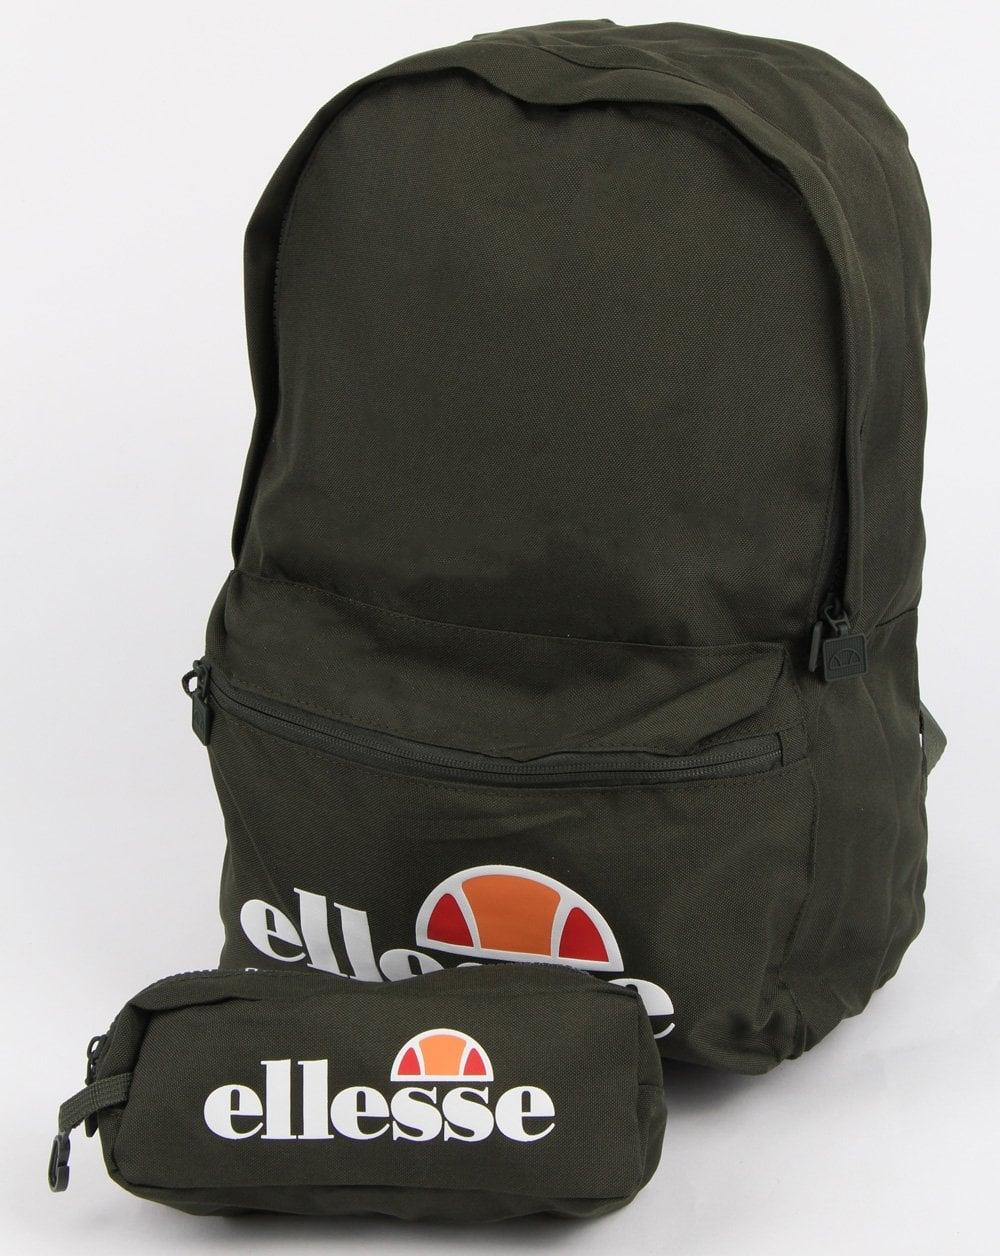 90ef6413d4 Ellesse Ellesse Rolby Backpack   Pencil Case Khaki